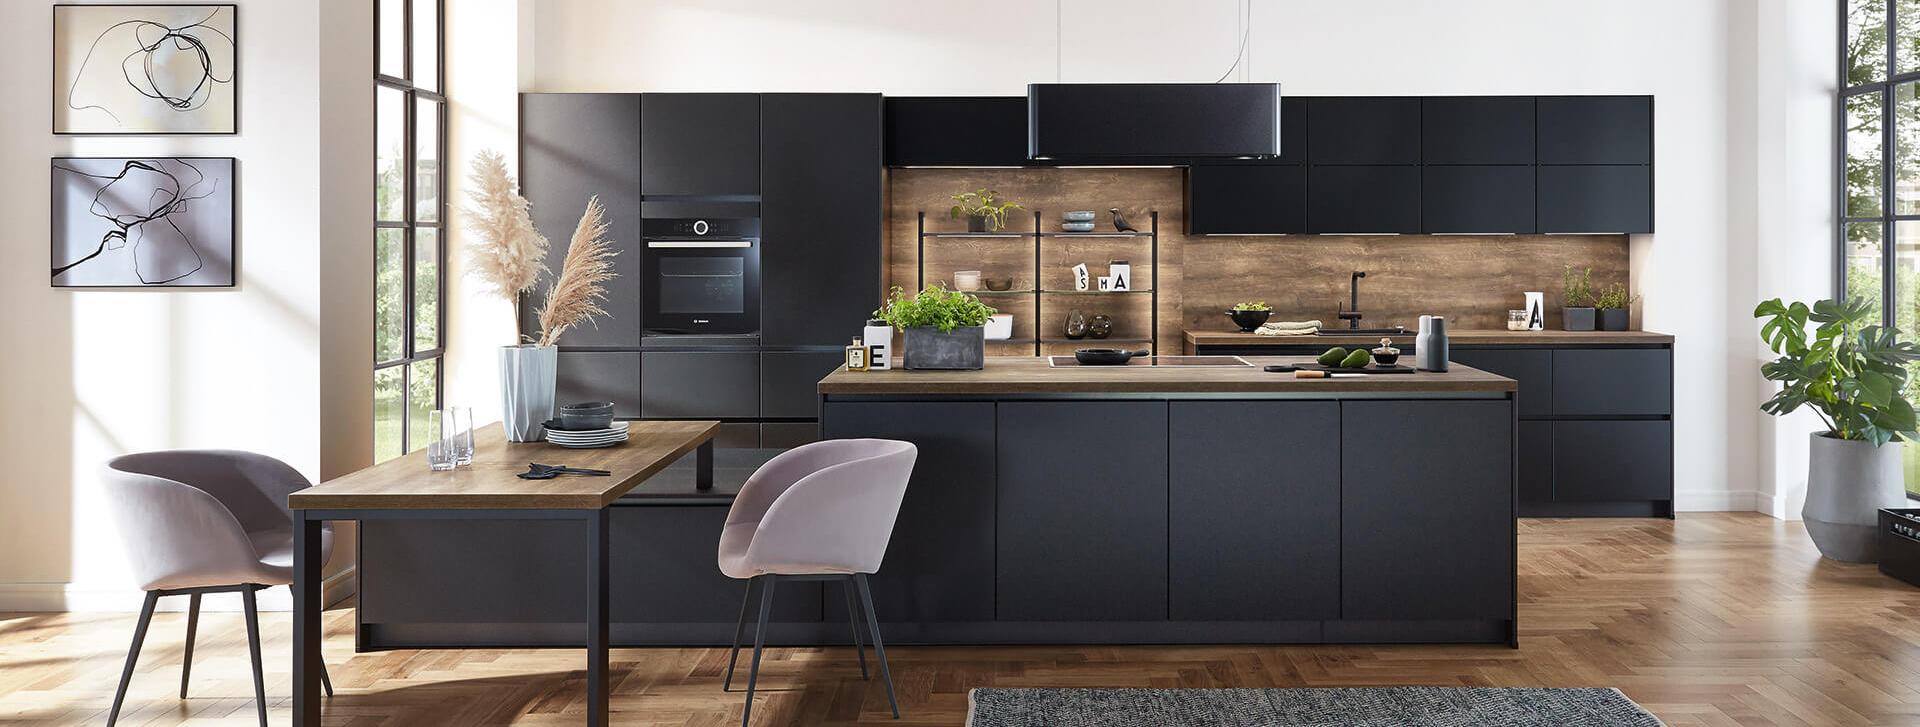 nobilia Kücheninsel groß Design Küche